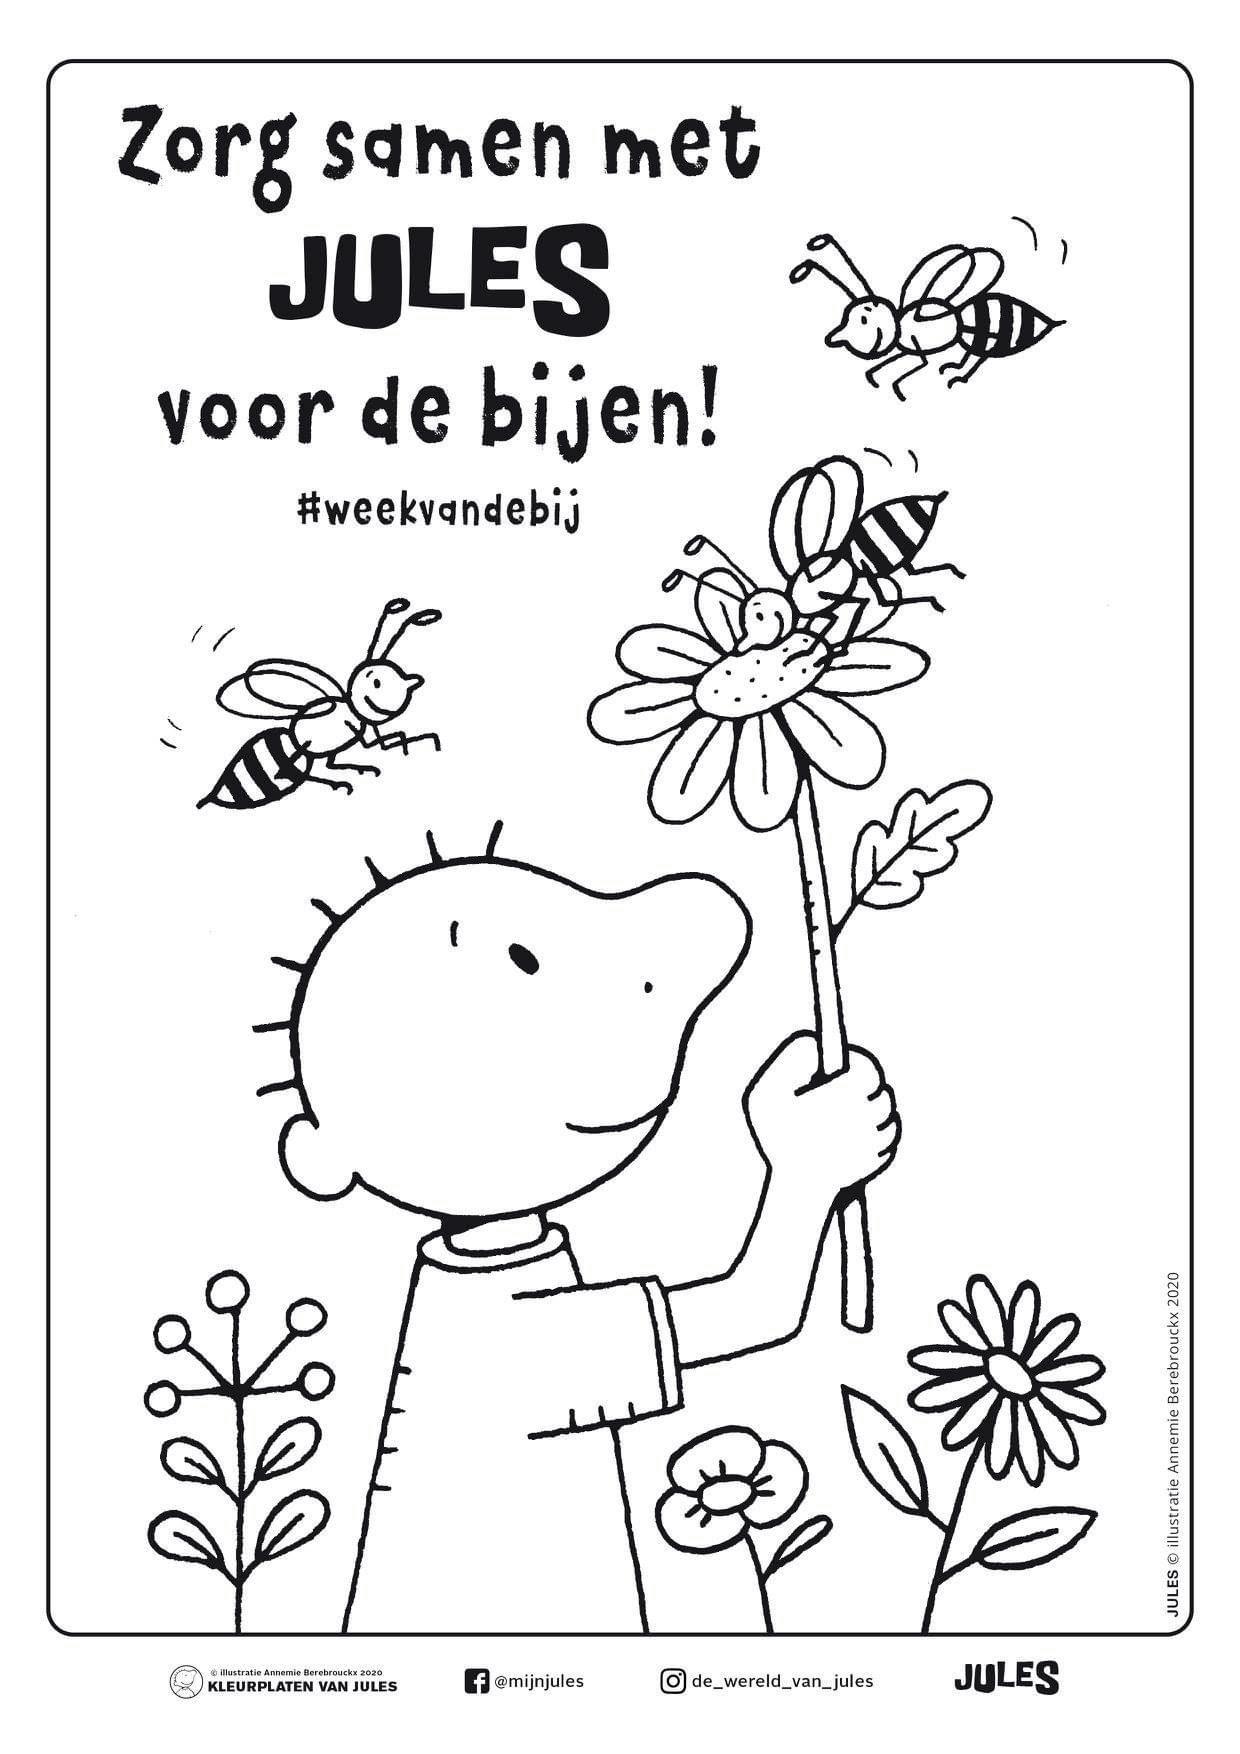 Pin Van Els Van Eetvelde Op Thema Bijen Thema Bloem Kleurplaten Lentebloemen